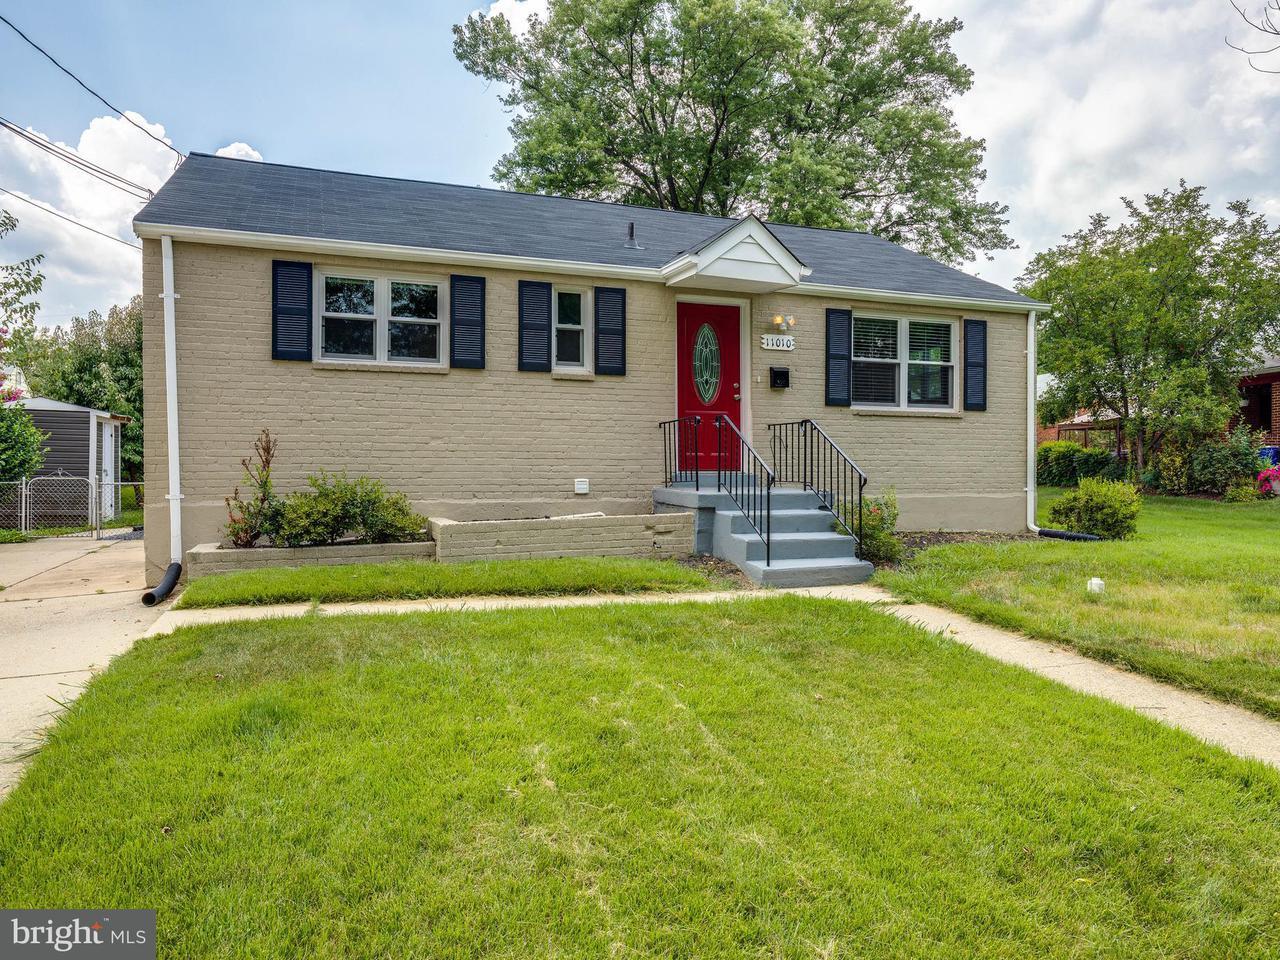 Casa Unifamiliar por un Venta en 11010 BUCKNELL Drive 11010 BUCKNELL Drive Wheaton, Maryland 20902 Estados Unidos